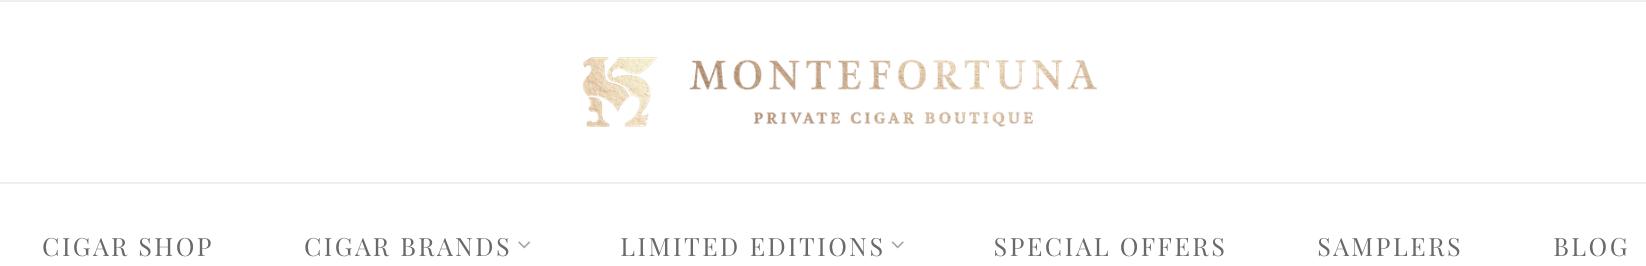 Montefortuna Menu